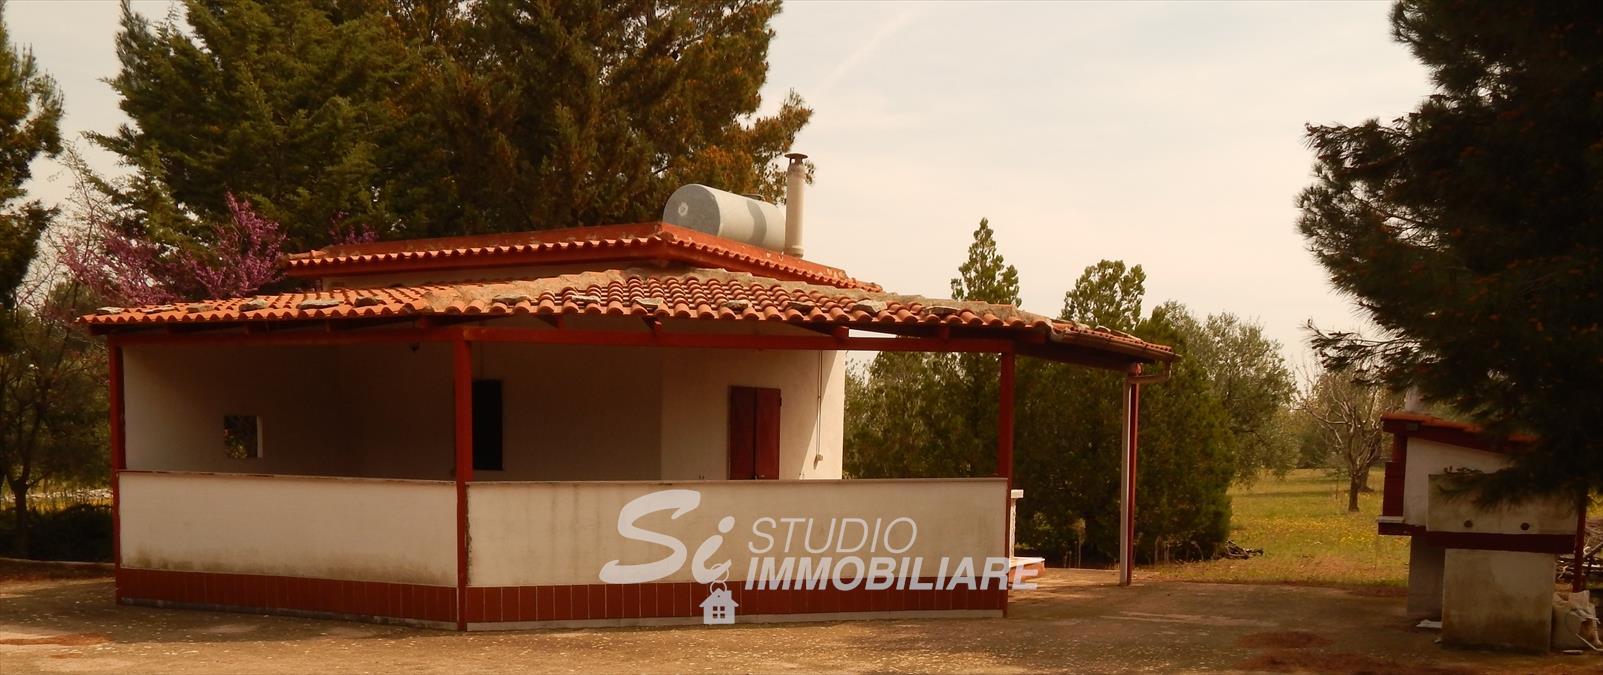 Terreno Edificabile Residenziale in vendita a Ruvo di Puglia, 1 locali, prezzo € 38.000 | CambioCasa.it